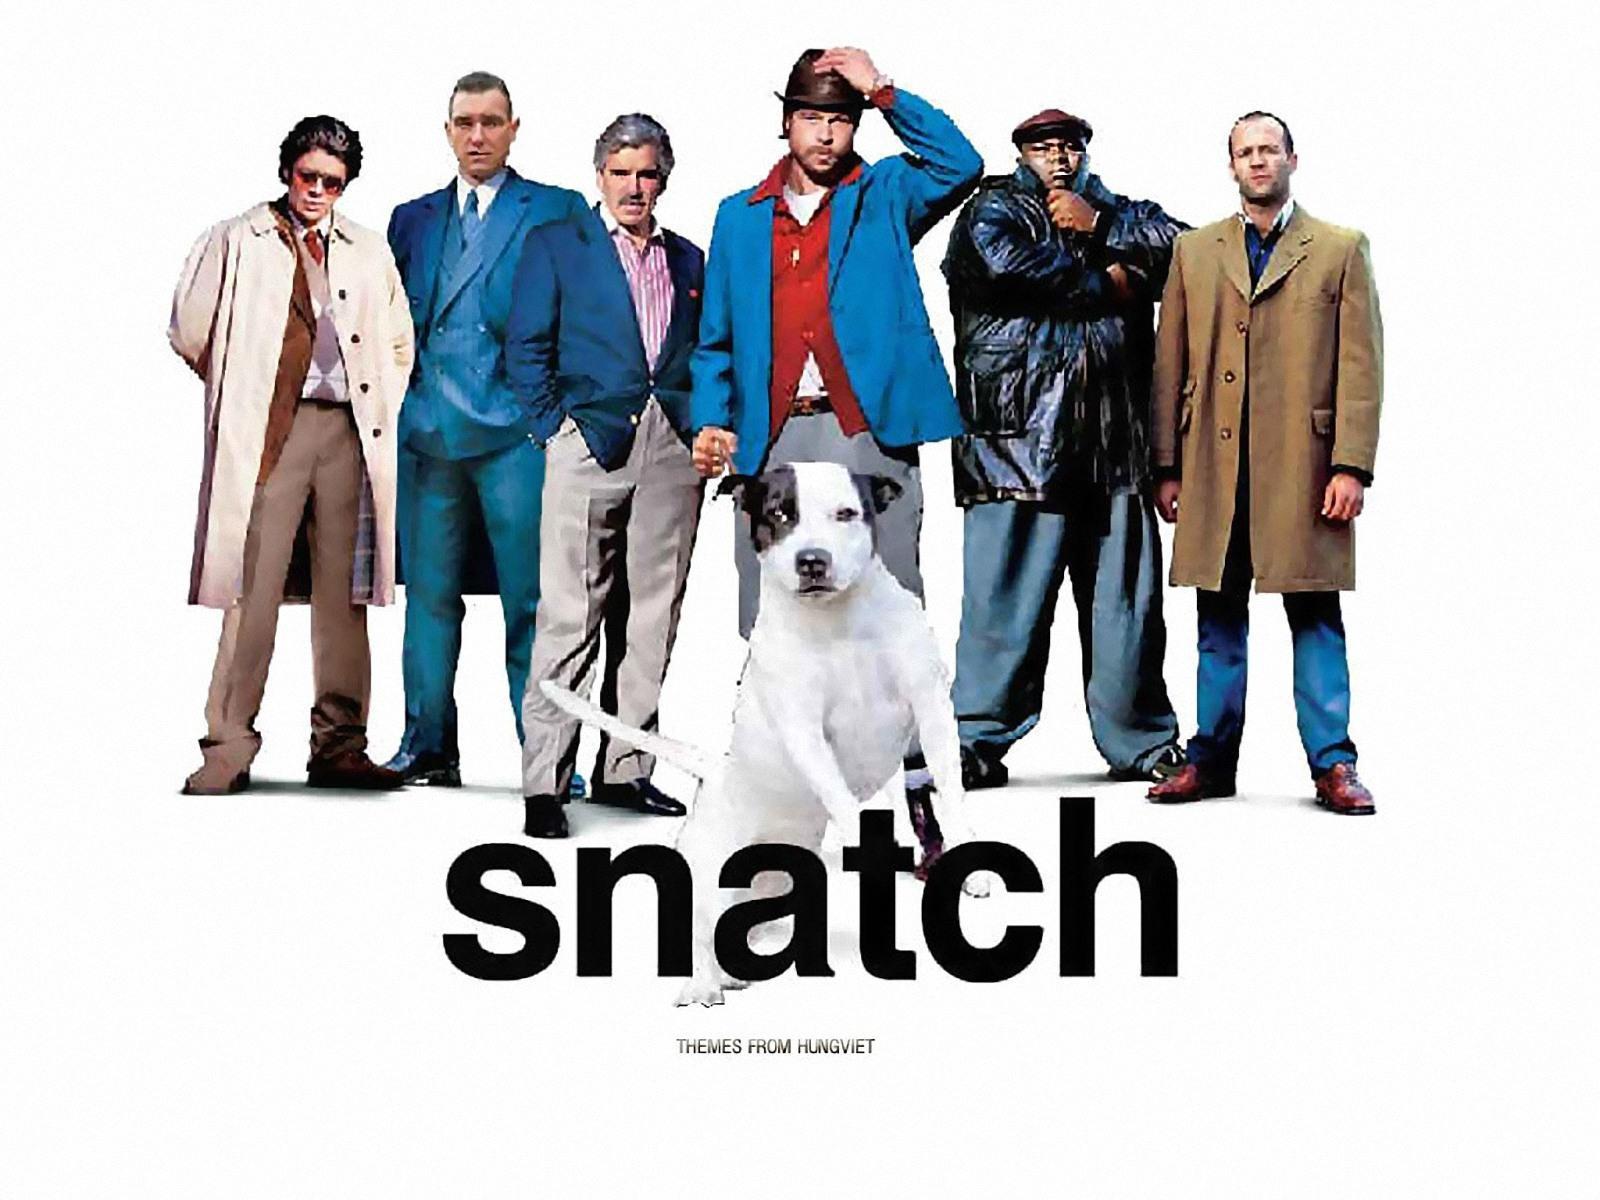 snatch_61905-1600x1200